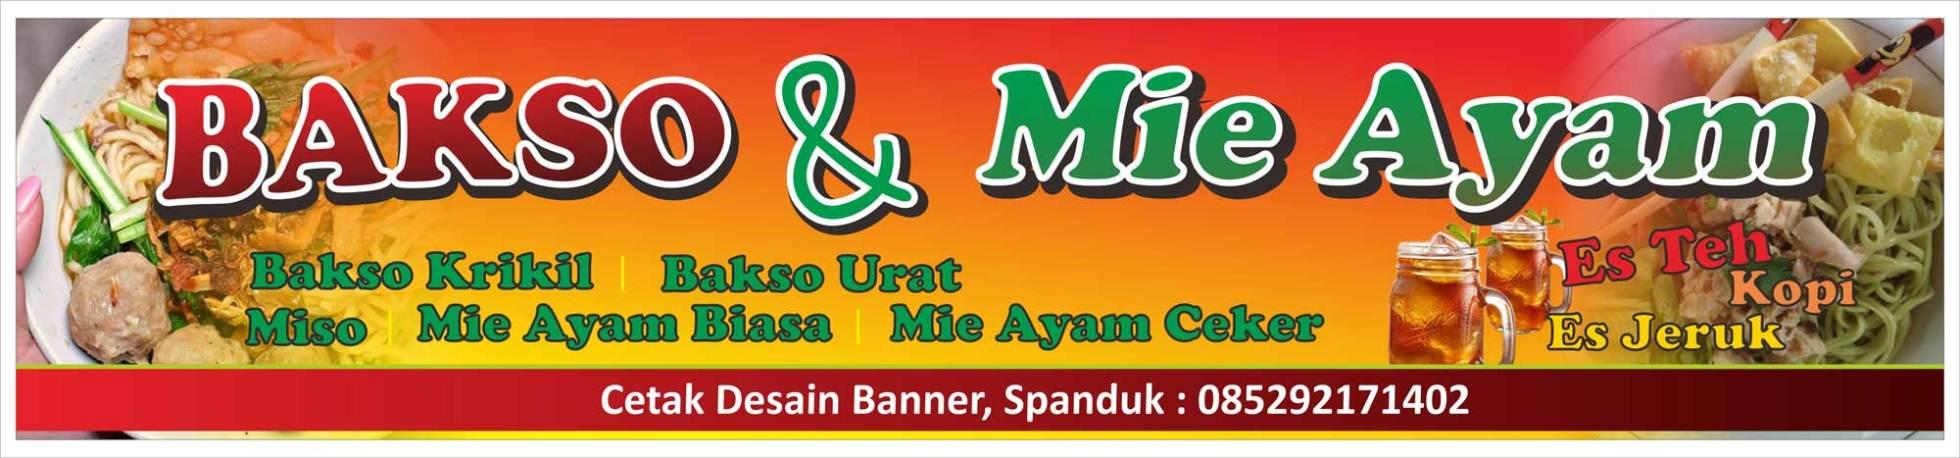 Contoh Banner Mie Ayam Dan Bakso - desain banner kekinian